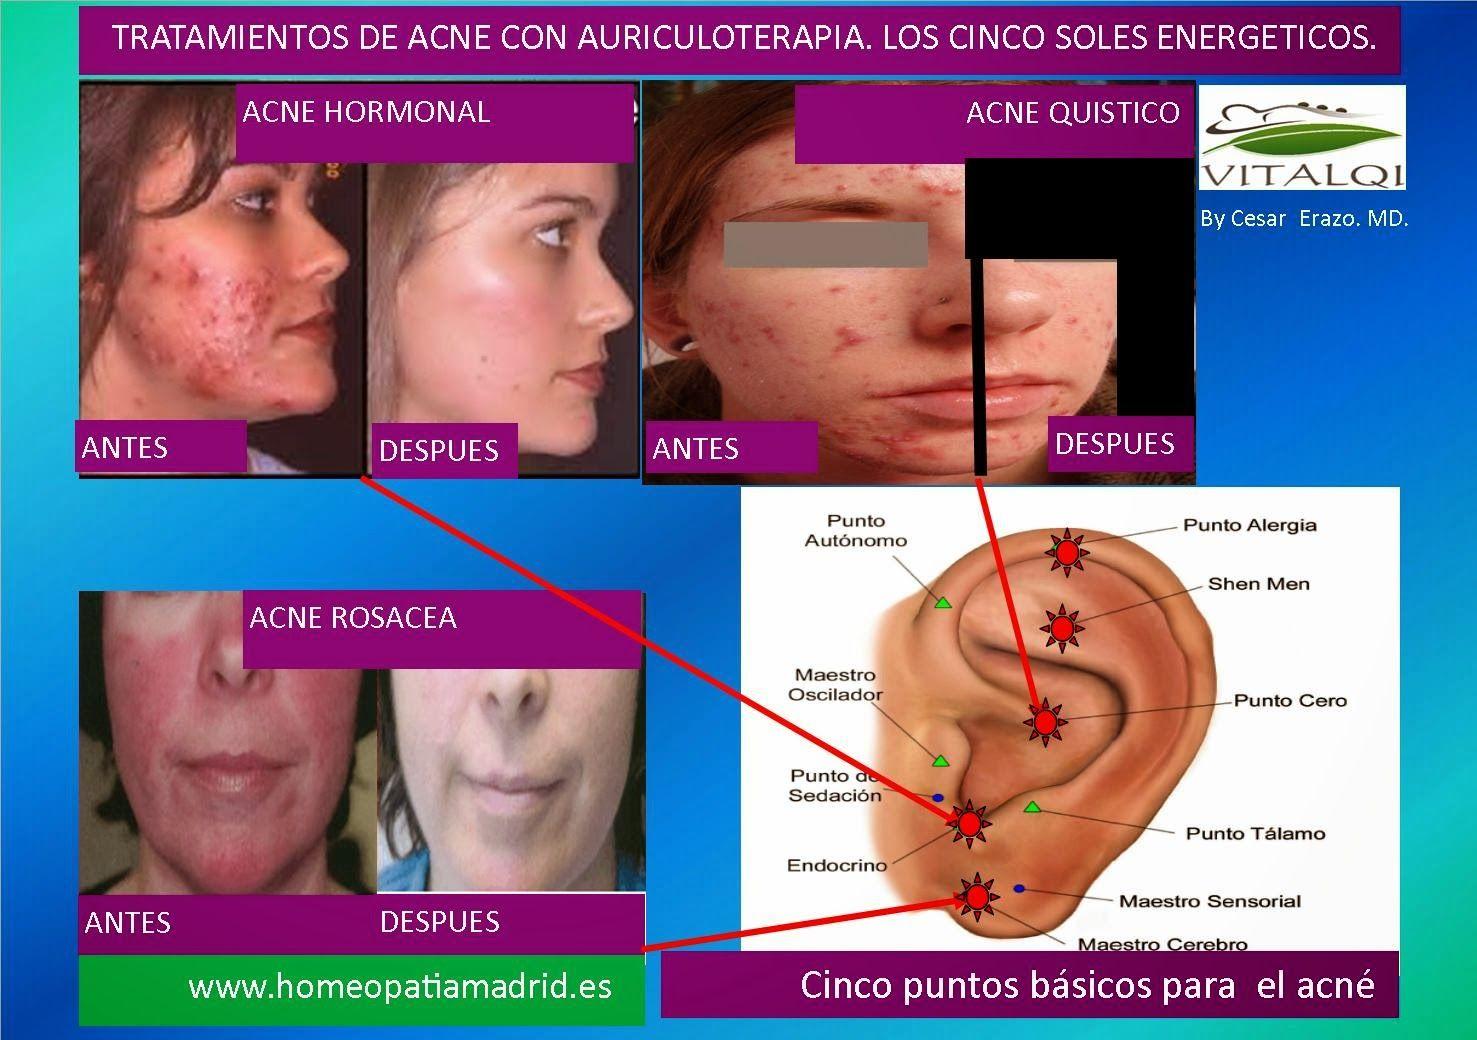 Auriculoterapia para adelgazar antes y despues